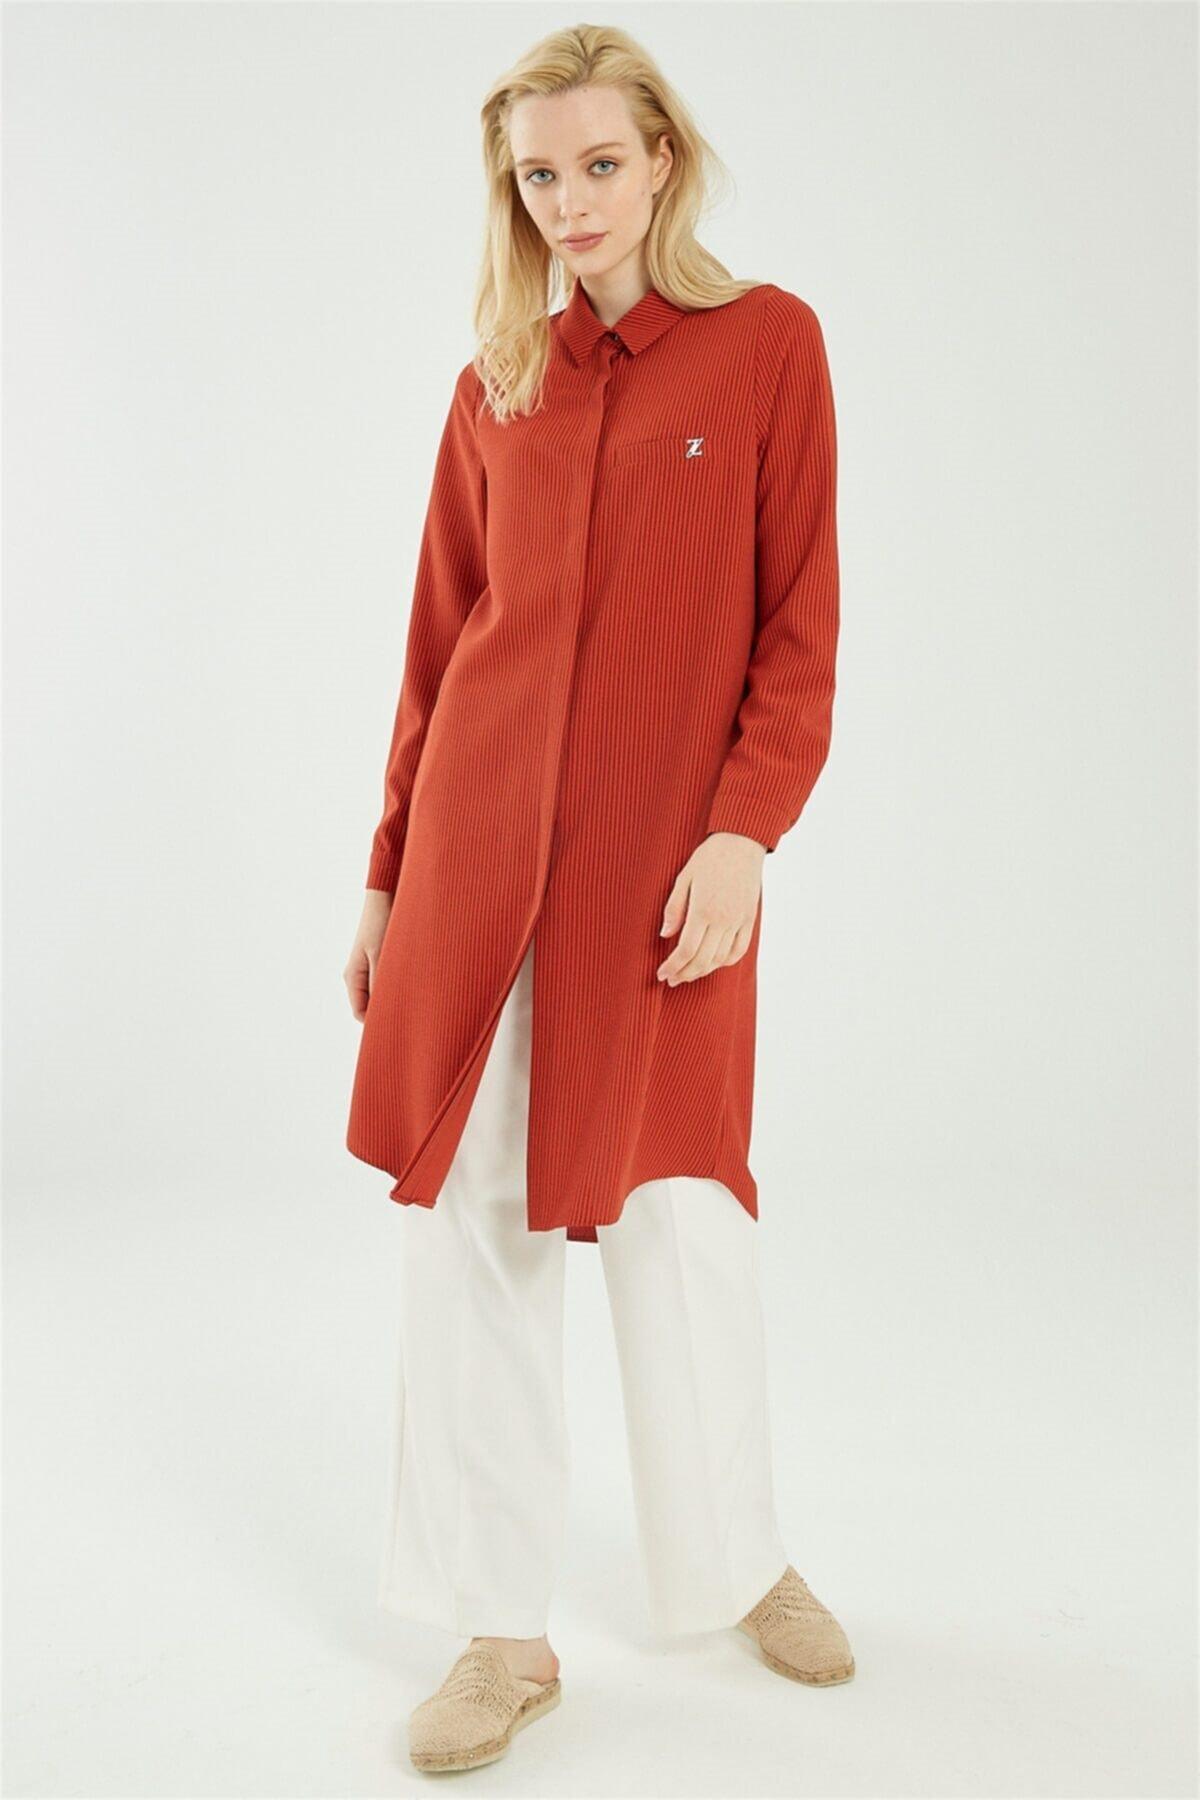 Kadın Gömlek Yaka Çizgili Kiremit Tunik T-0767